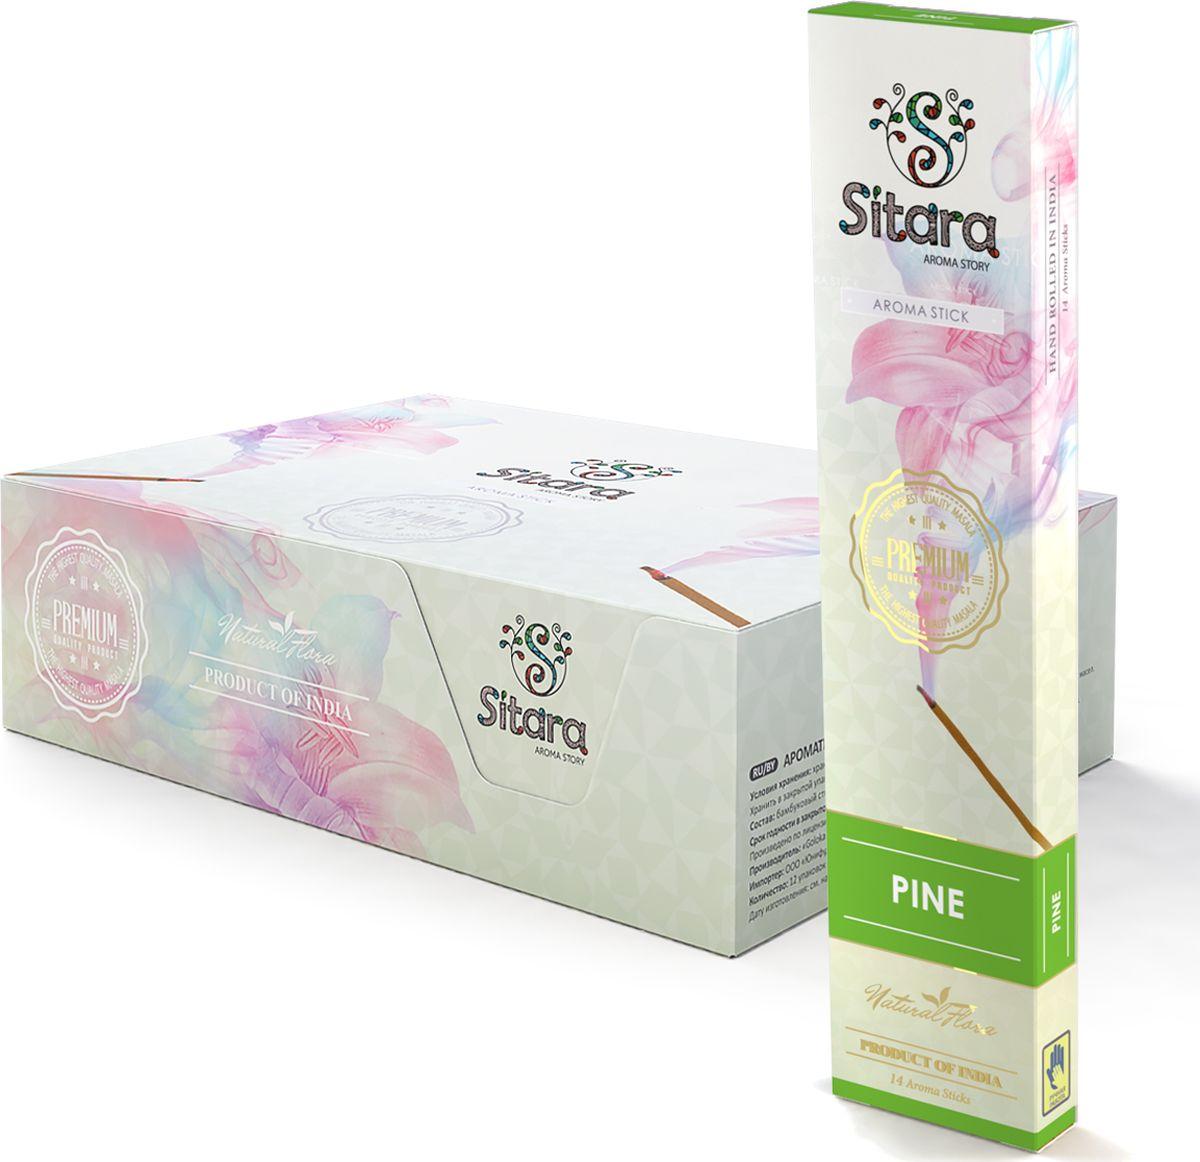 Ароматические палочки Sitara Premium Pine, 14 палочек10327Обзор:Аромат сосны наполняет воздух прохладой и свободой. В совершенстве подойдет тем, кто не любит слишком приторные запахи. Способ применения:Поджечь сторону, противоположную бамбуковому основанию. Через несколько секунд после возгорания задуть пламя. Поставить ароматическую палочку в подставку, соблюдая необходимые меры пожарной безопасности.Состав:Бамбуковый стержень (Bamboo rod), натуральный мед (Honey), смола и пудра сандалового дерева (Resin and sandalwood powder), натуральная эссенция эфирных масел (Essential oils)С осторожностью: Людям страдающими заболеваниями дыхательных путей, аллергическими реакциями, при беременности.В блоке 12 пачек.